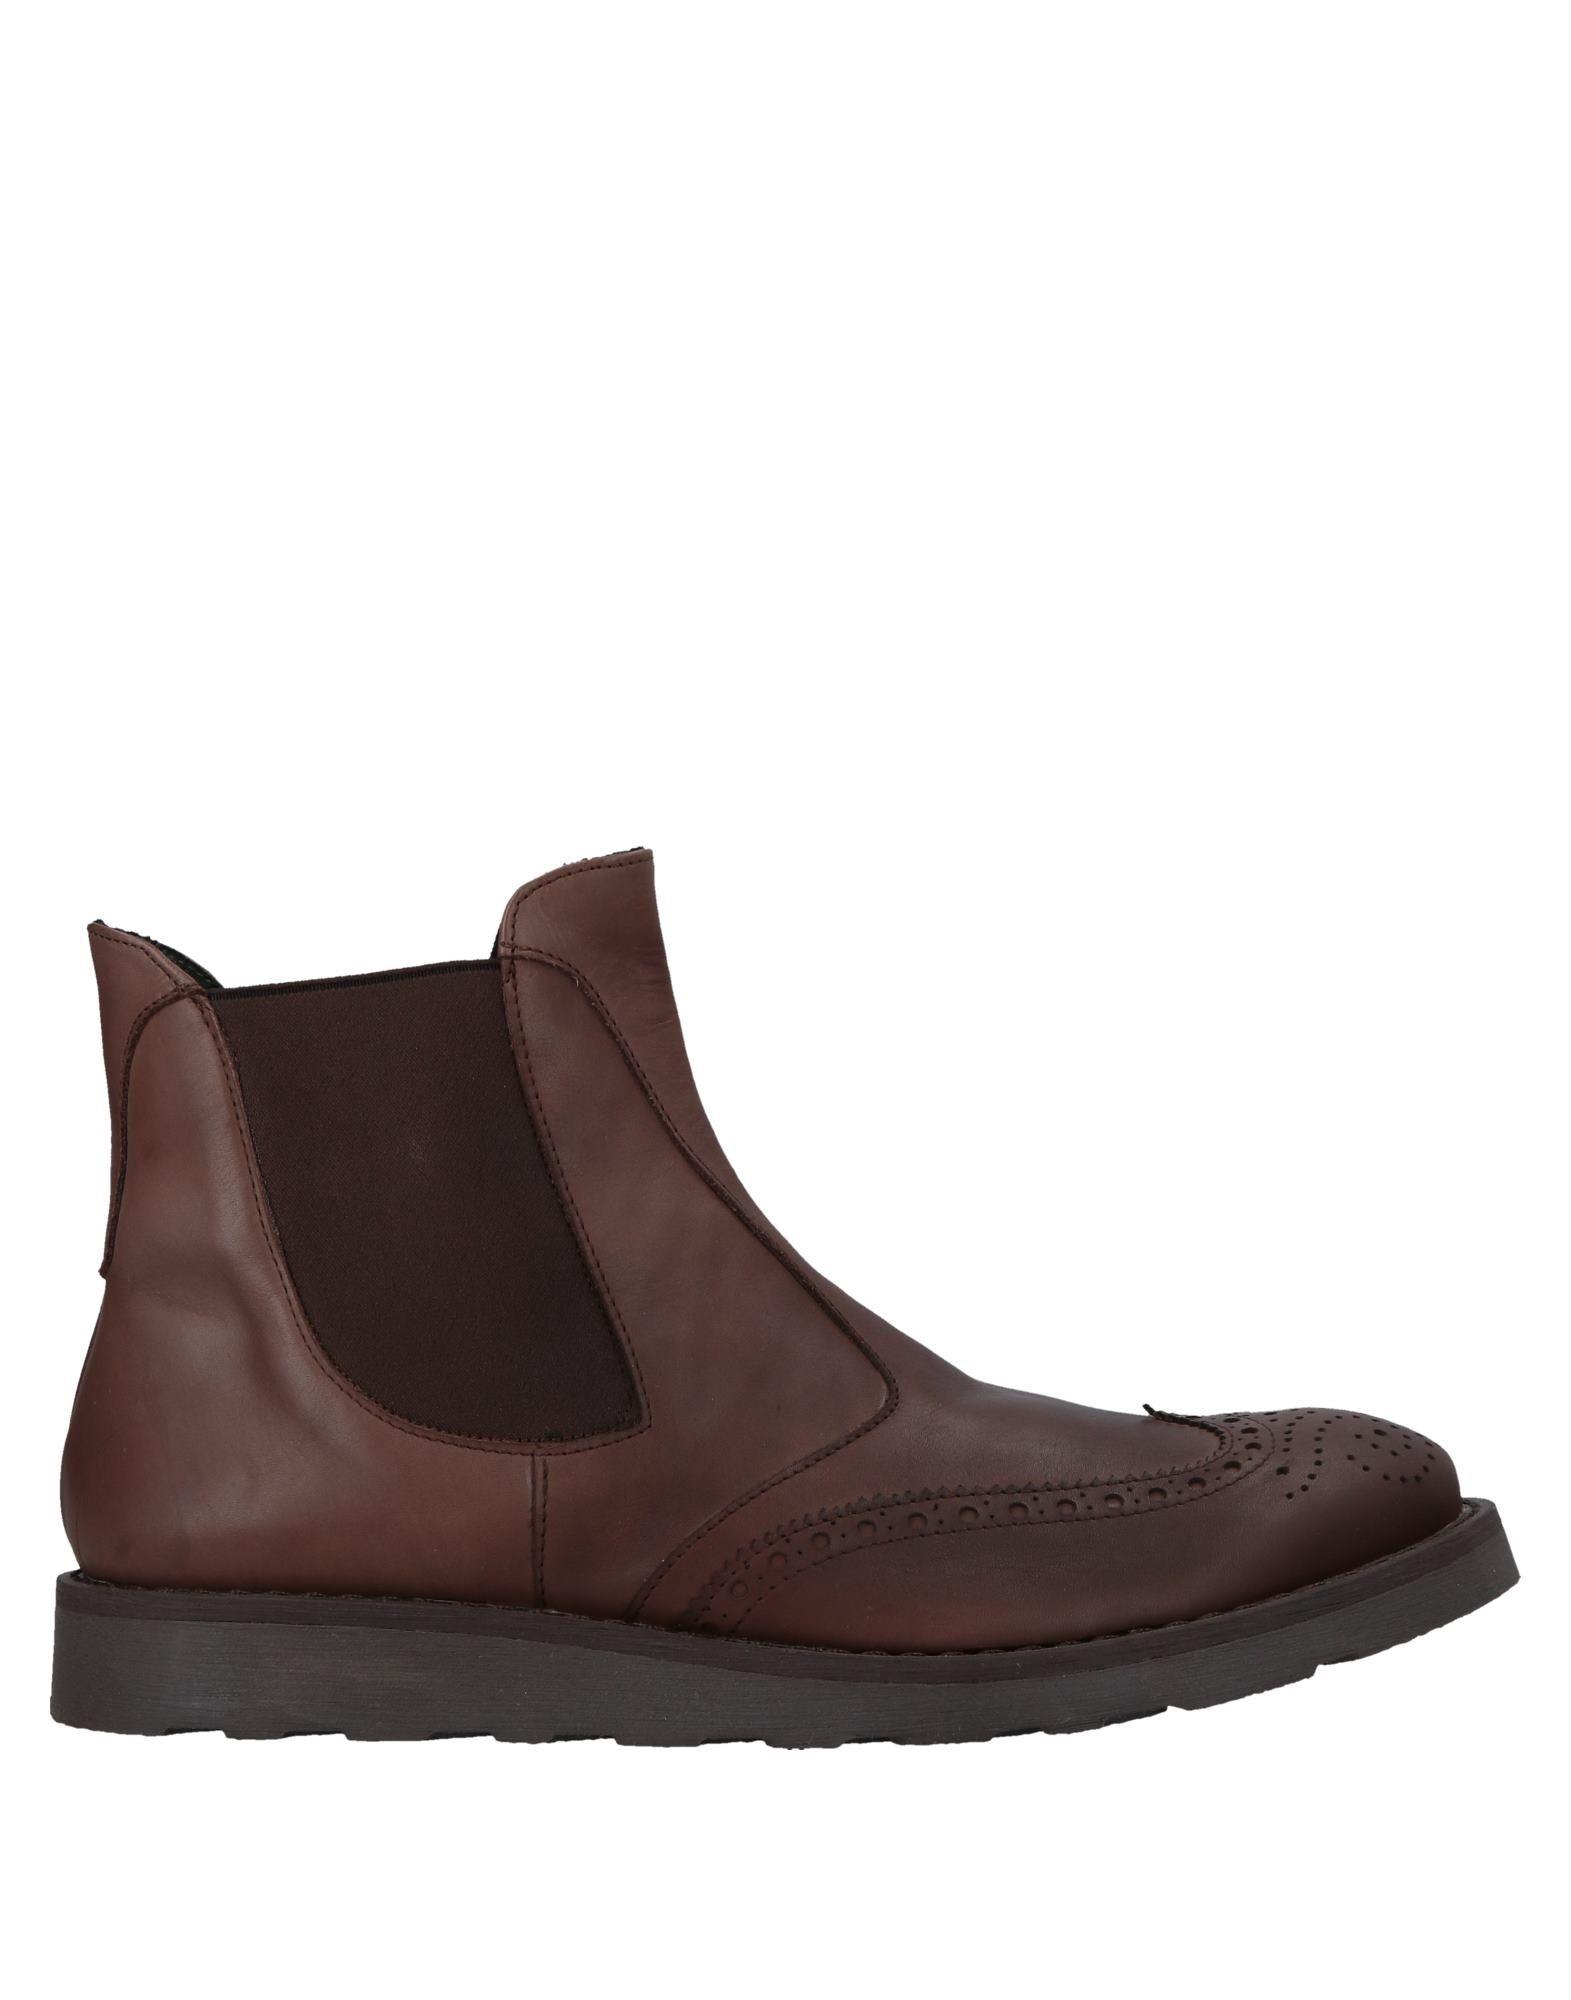 BALLANTYNE Полусапоги и высокие ботинки joyks полусапоги и высокие ботинки